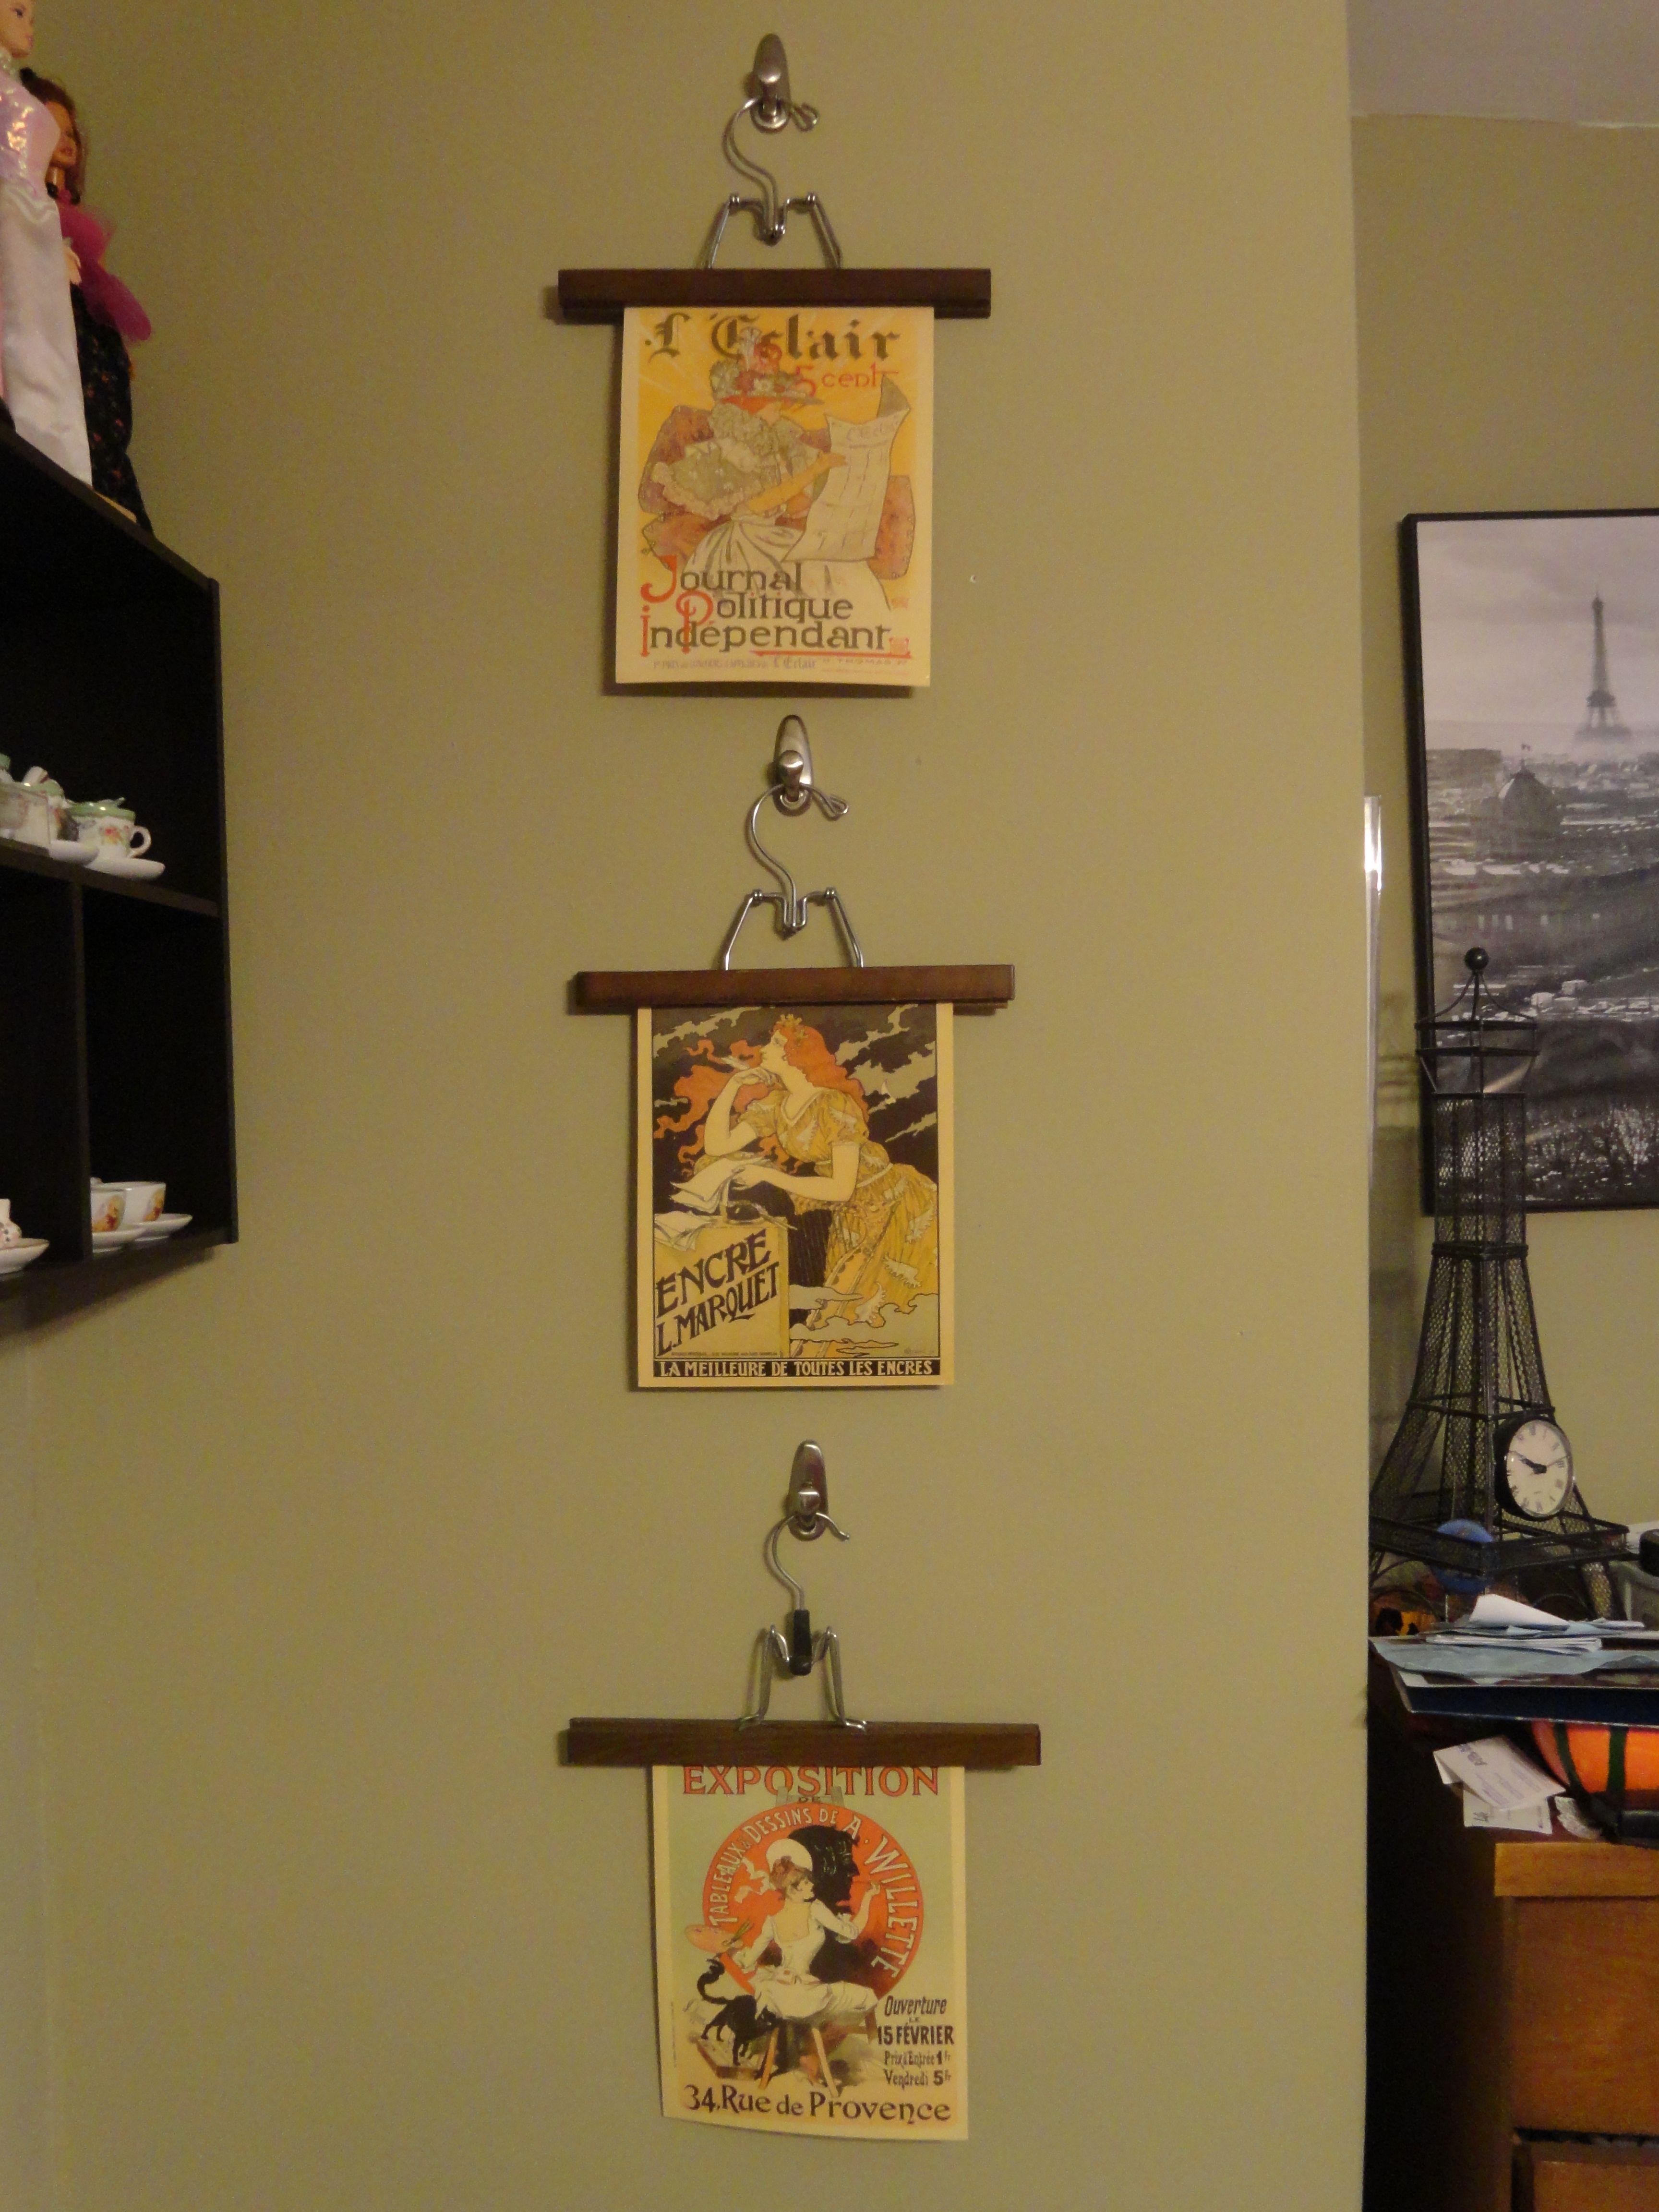 pin by arlene pomrenke on cottage decor ideas pinterest. Black Bedroom Furniture Sets. Home Design Ideas